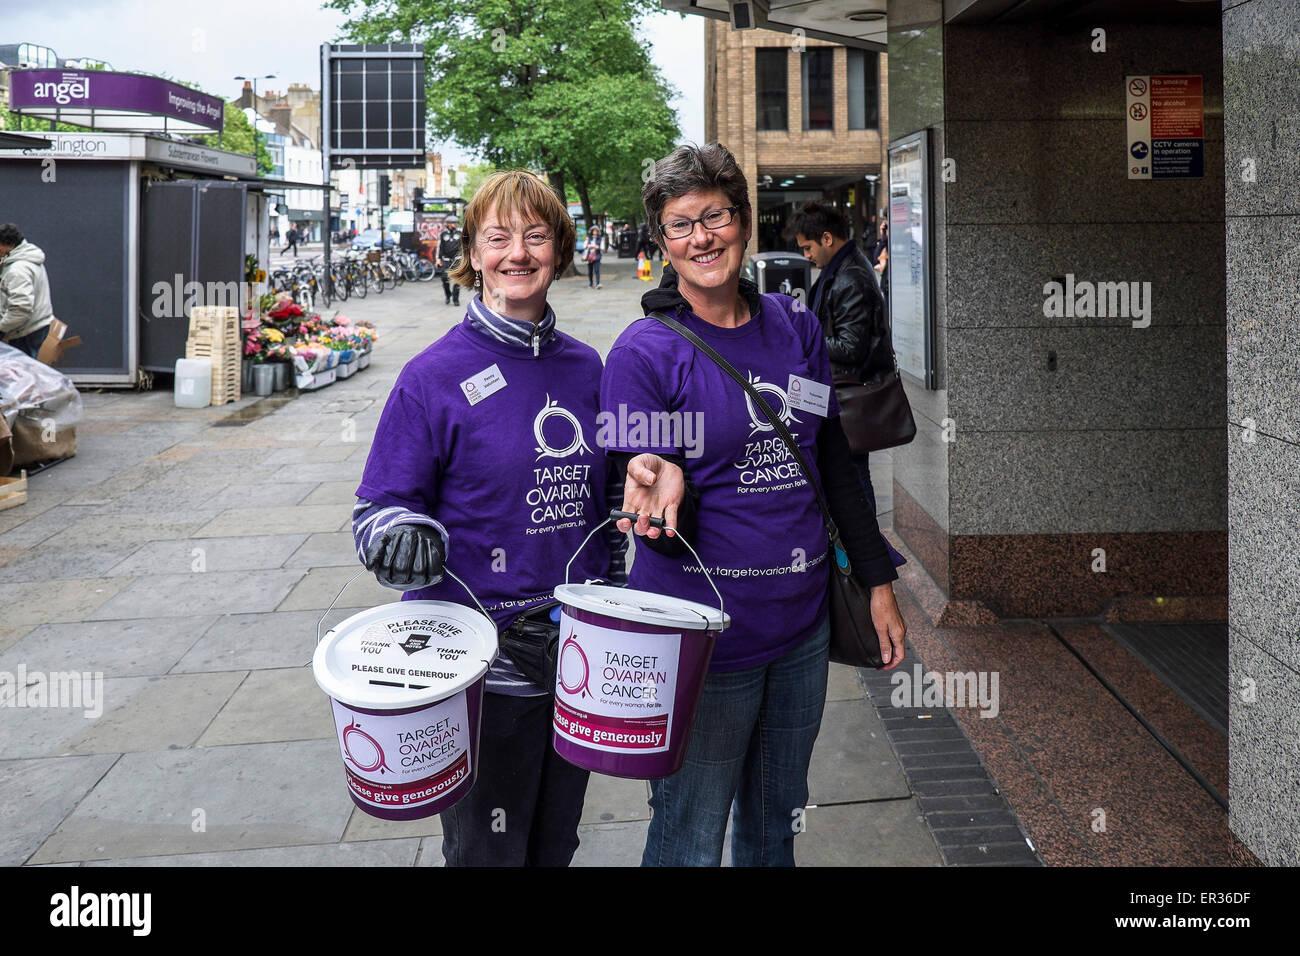 Zwei fröhliche Charity Arbeiter sammeln Spenden für Eierstockkrebs Ziel. Stockbild